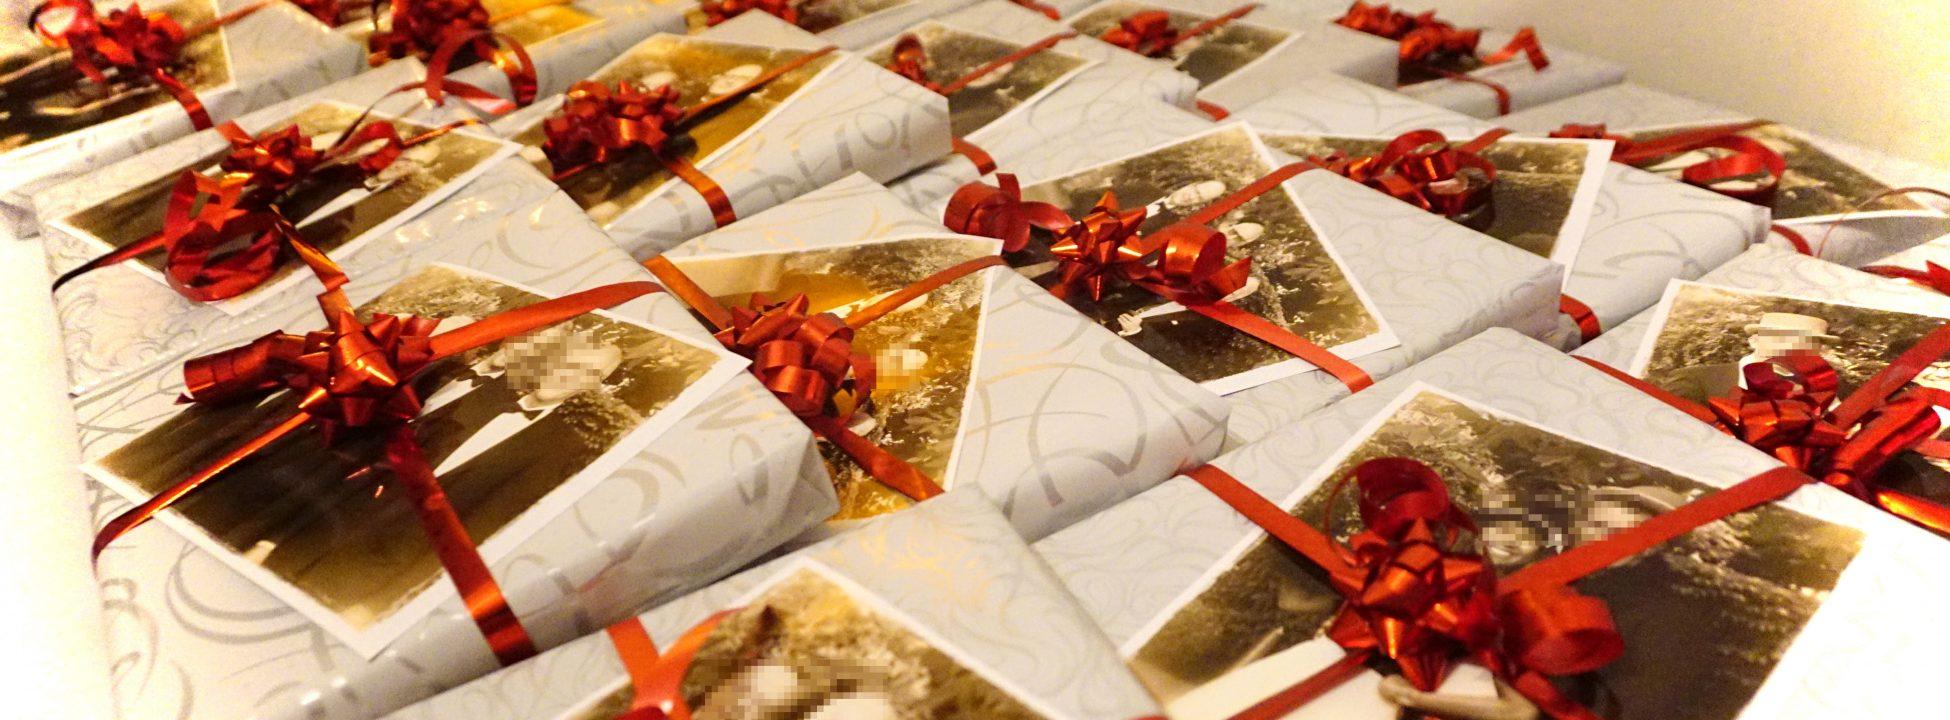 V-I-P-Kunden-Event. Individuelle Foto-Geschenke